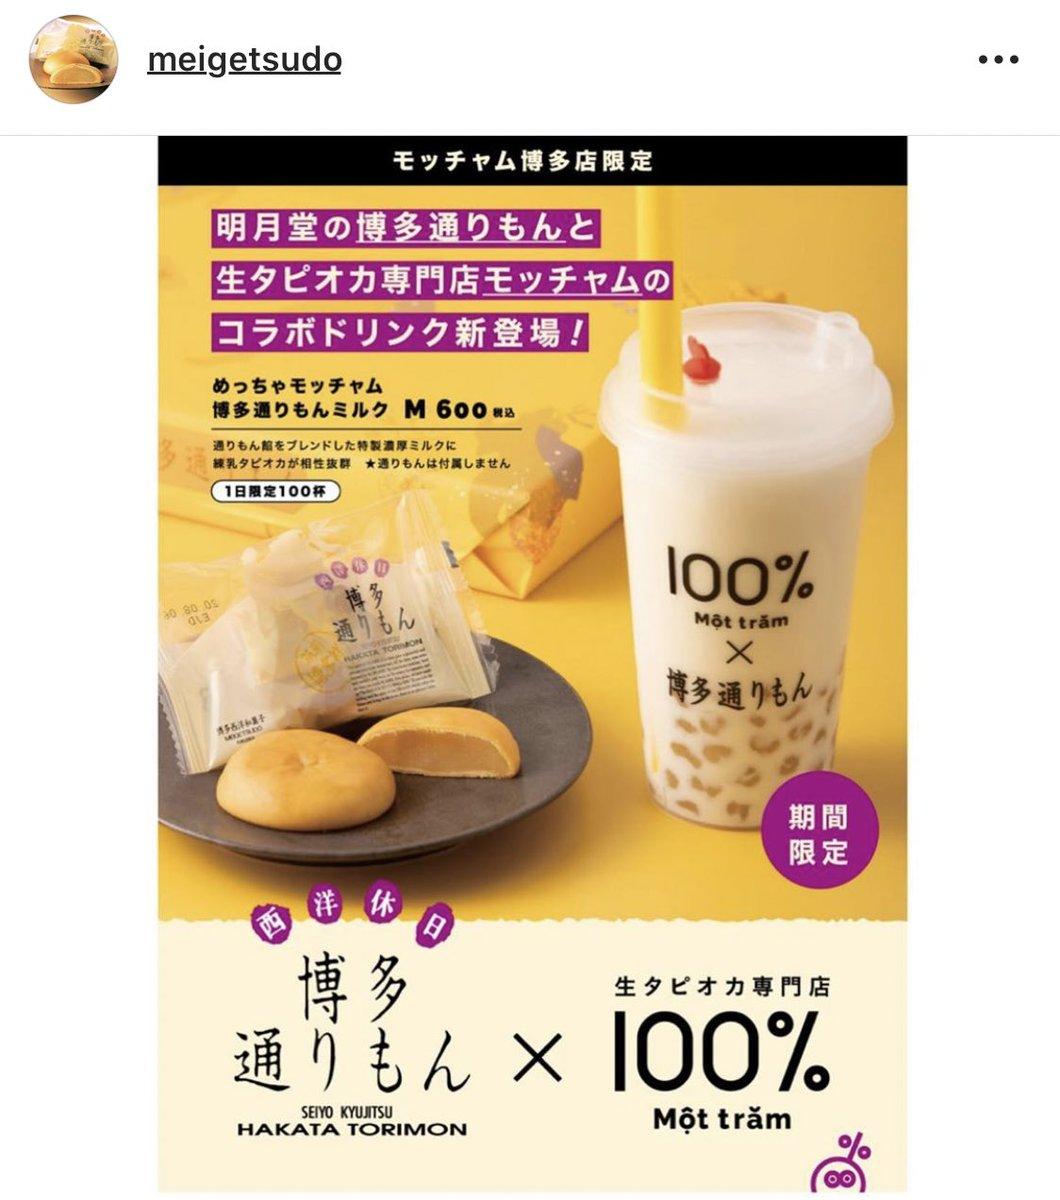 test ツイッターメディア - タピオカは興味ないけど、博多通りもんが好きだから飲みたい..しかし福岡には気軽に行けない。これは味を想像して満足するしかないな。まあ想像できないから飲みたいんだけど。 https://t.co/bb0U9a9vUW